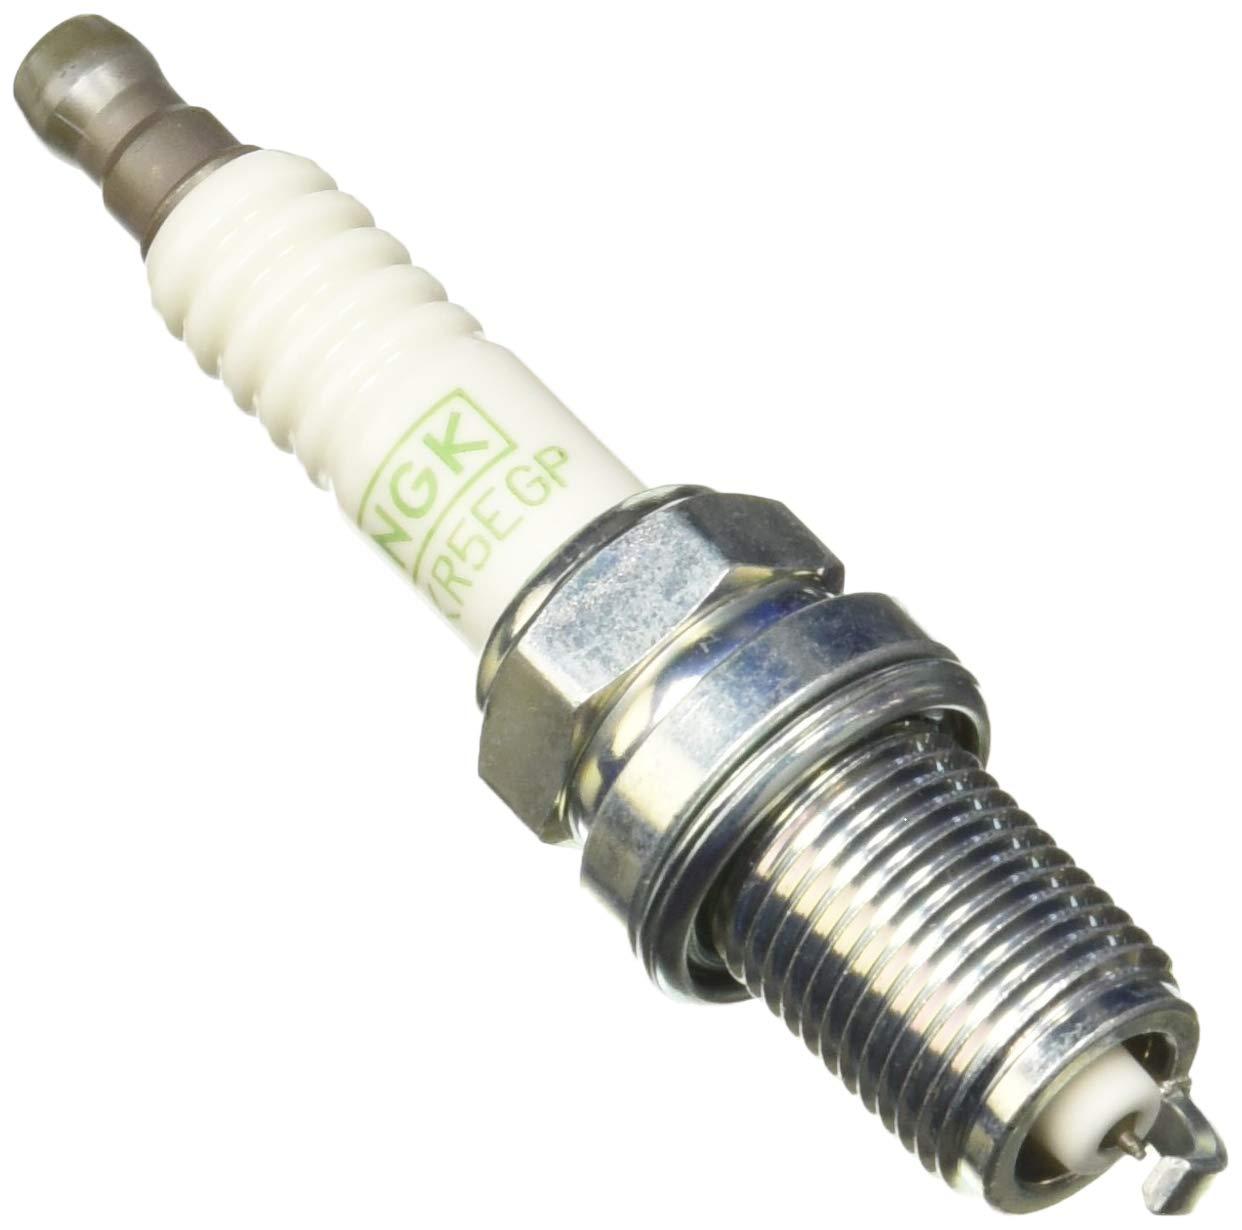 NGK 7090 Bkr5Egp G-Power Spark Plug 4 Pack